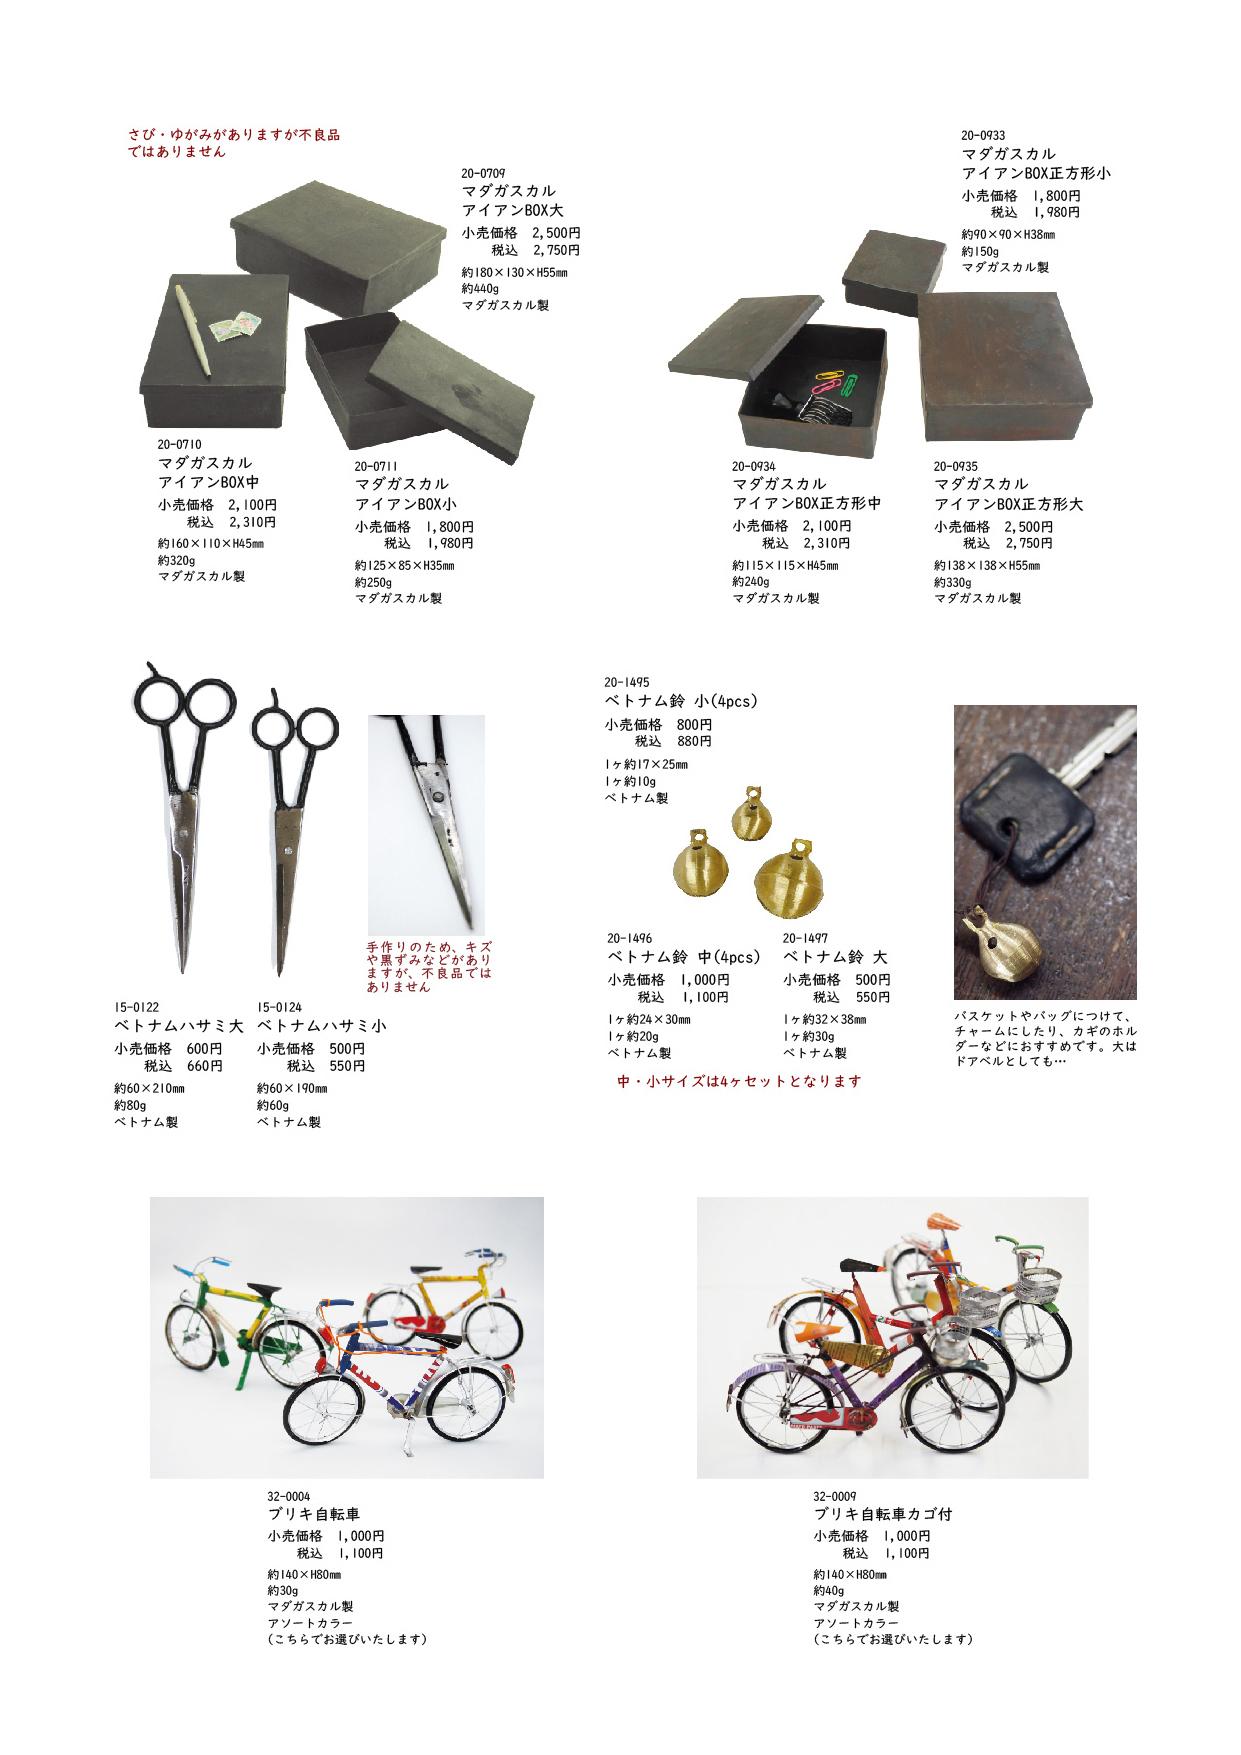 文房具①-アイアンBOX・バインダー・紙袋-